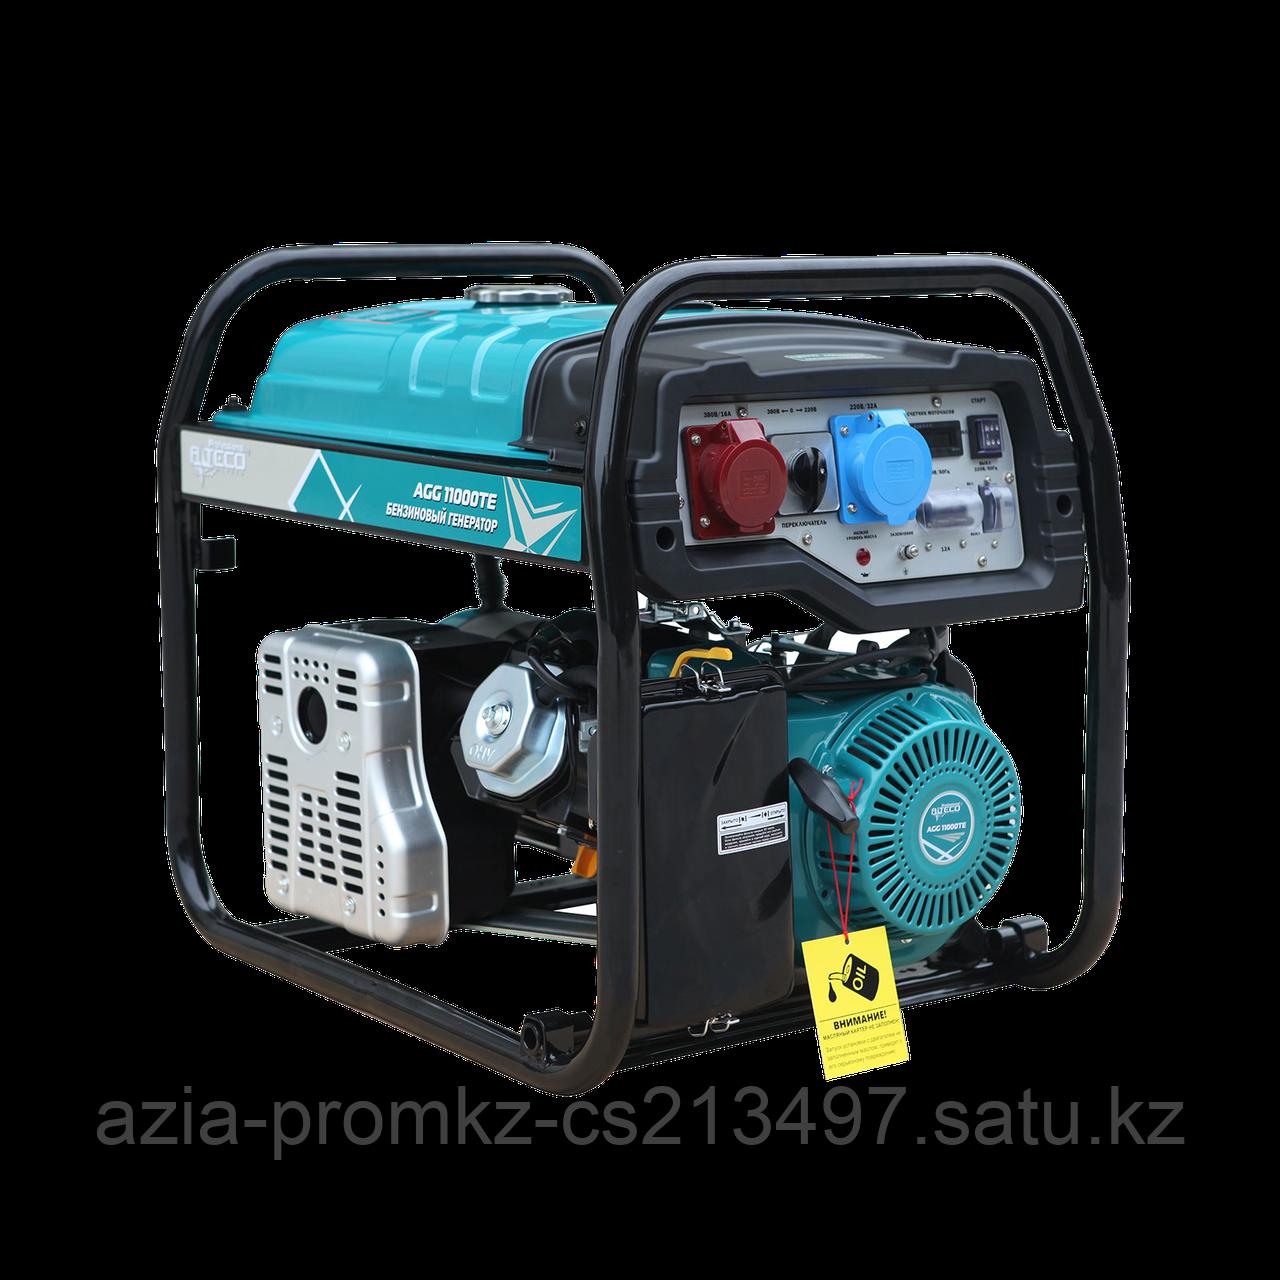 Бензиновый генератор Alteco 11000TE DUO (6,5кВт, 220/380В)